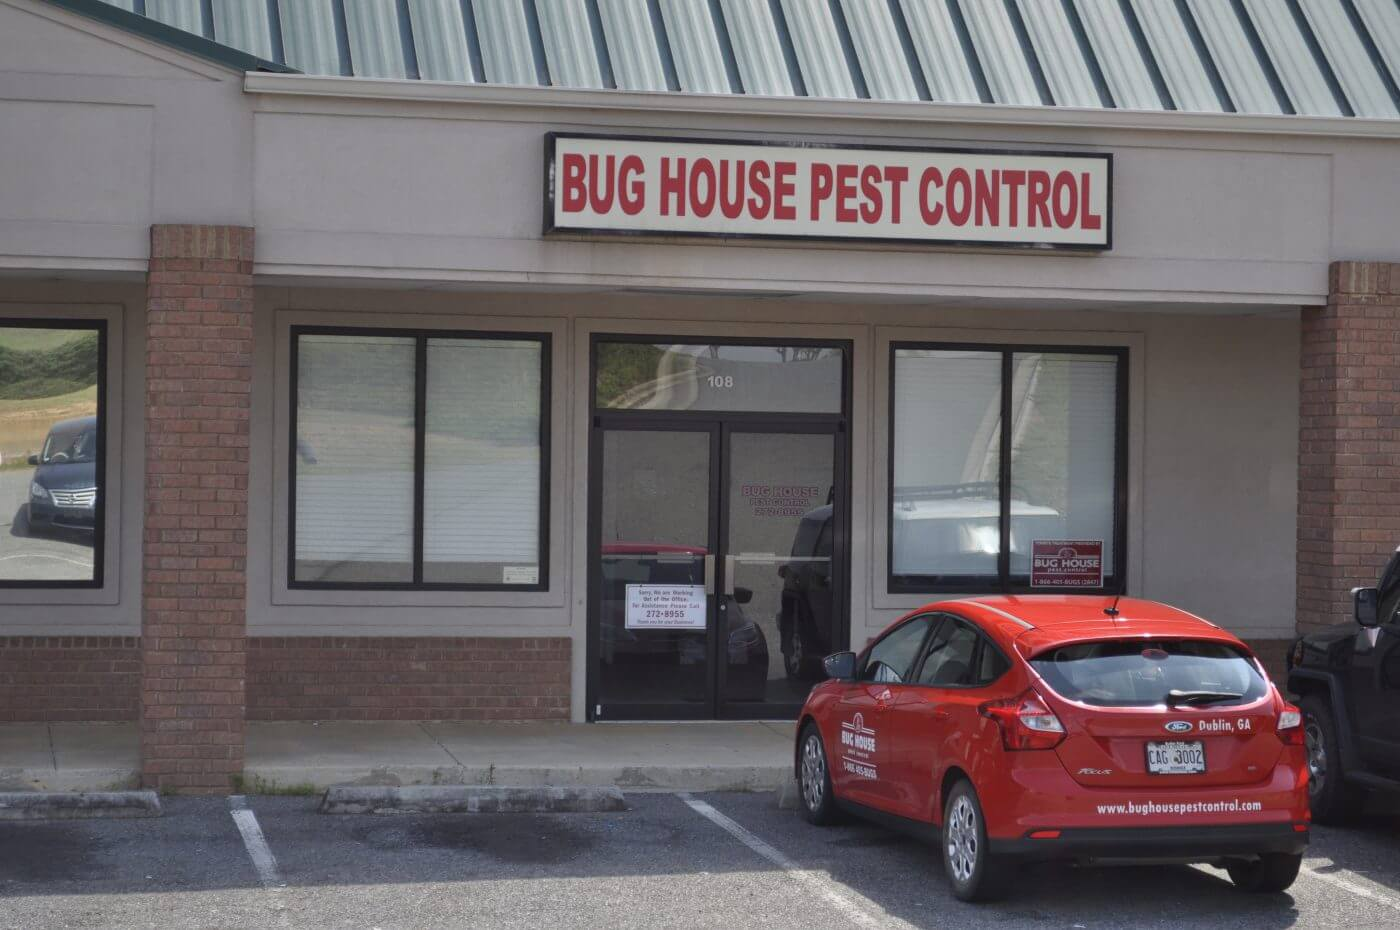 Bug House Dublin pest control location